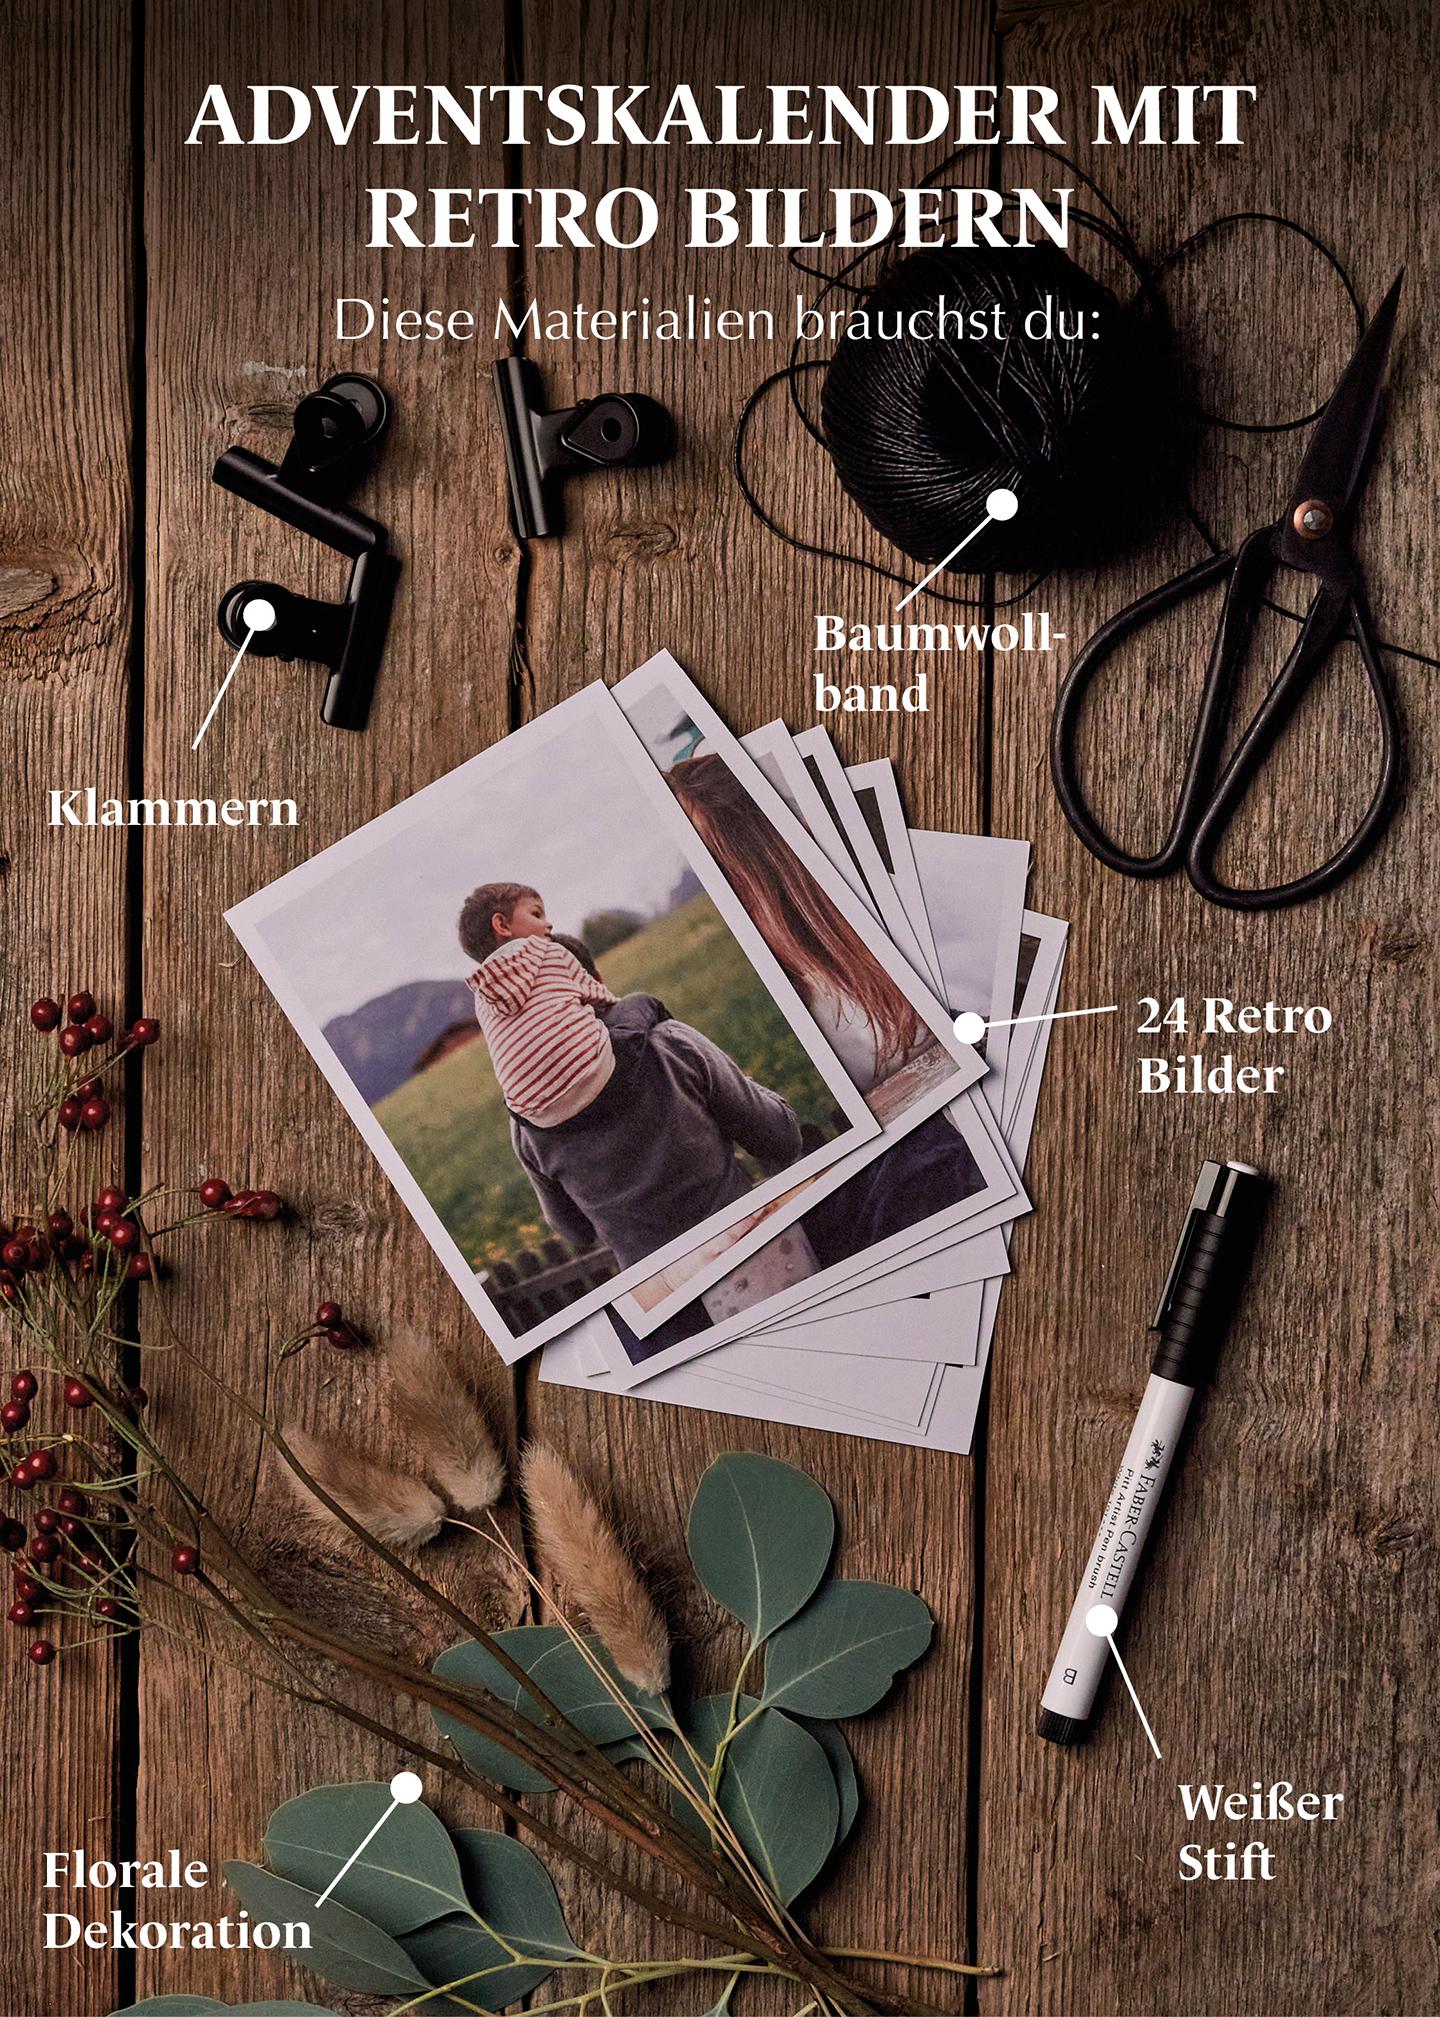 Adventskalender mit Retro-Bildern selber basteln: Schere, Baumwollband & Klammern.